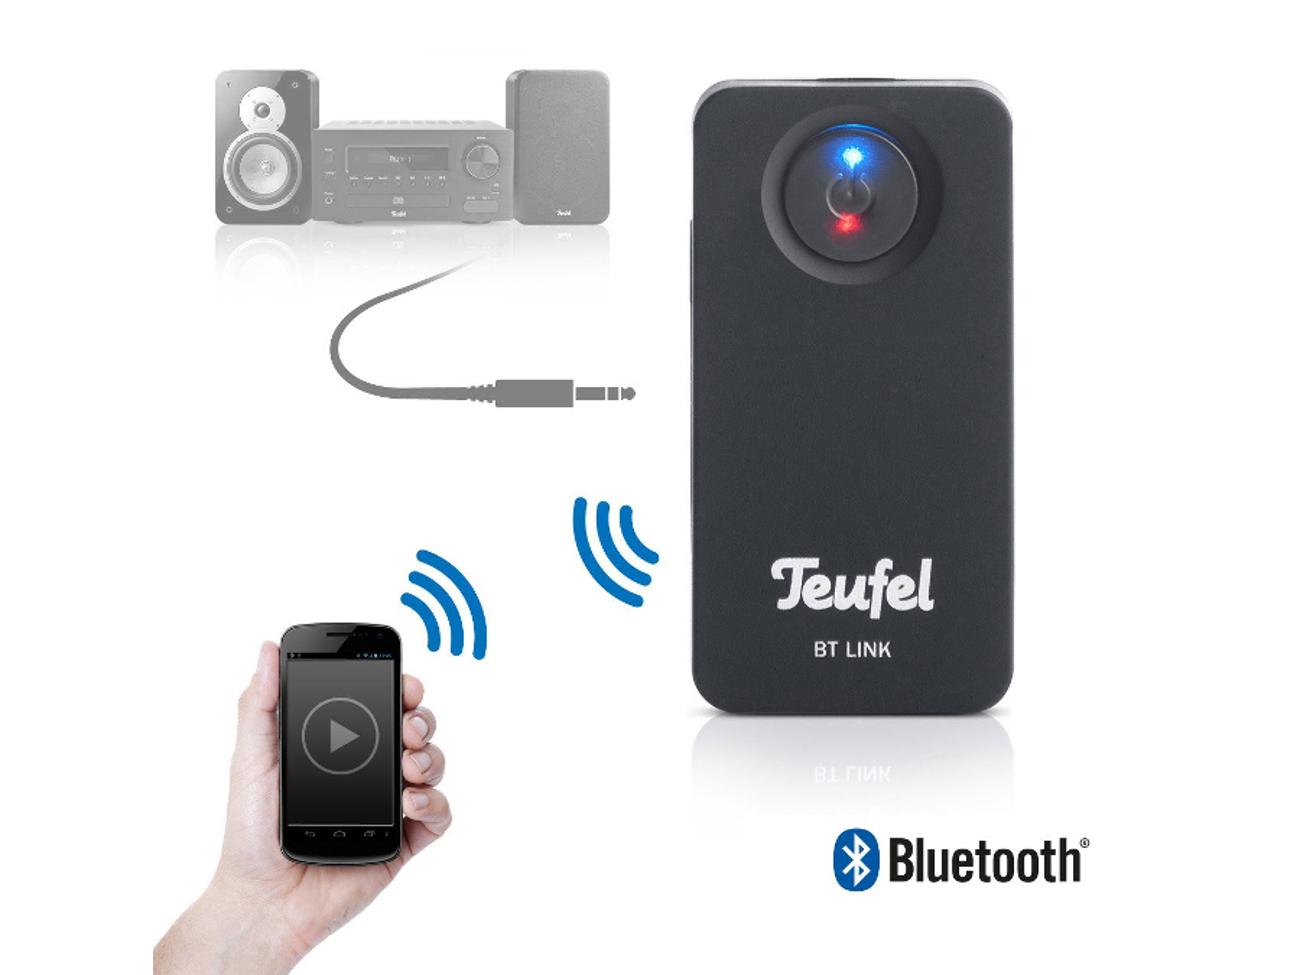 Teule BT LINK - Bluetooth an jedem Gerät